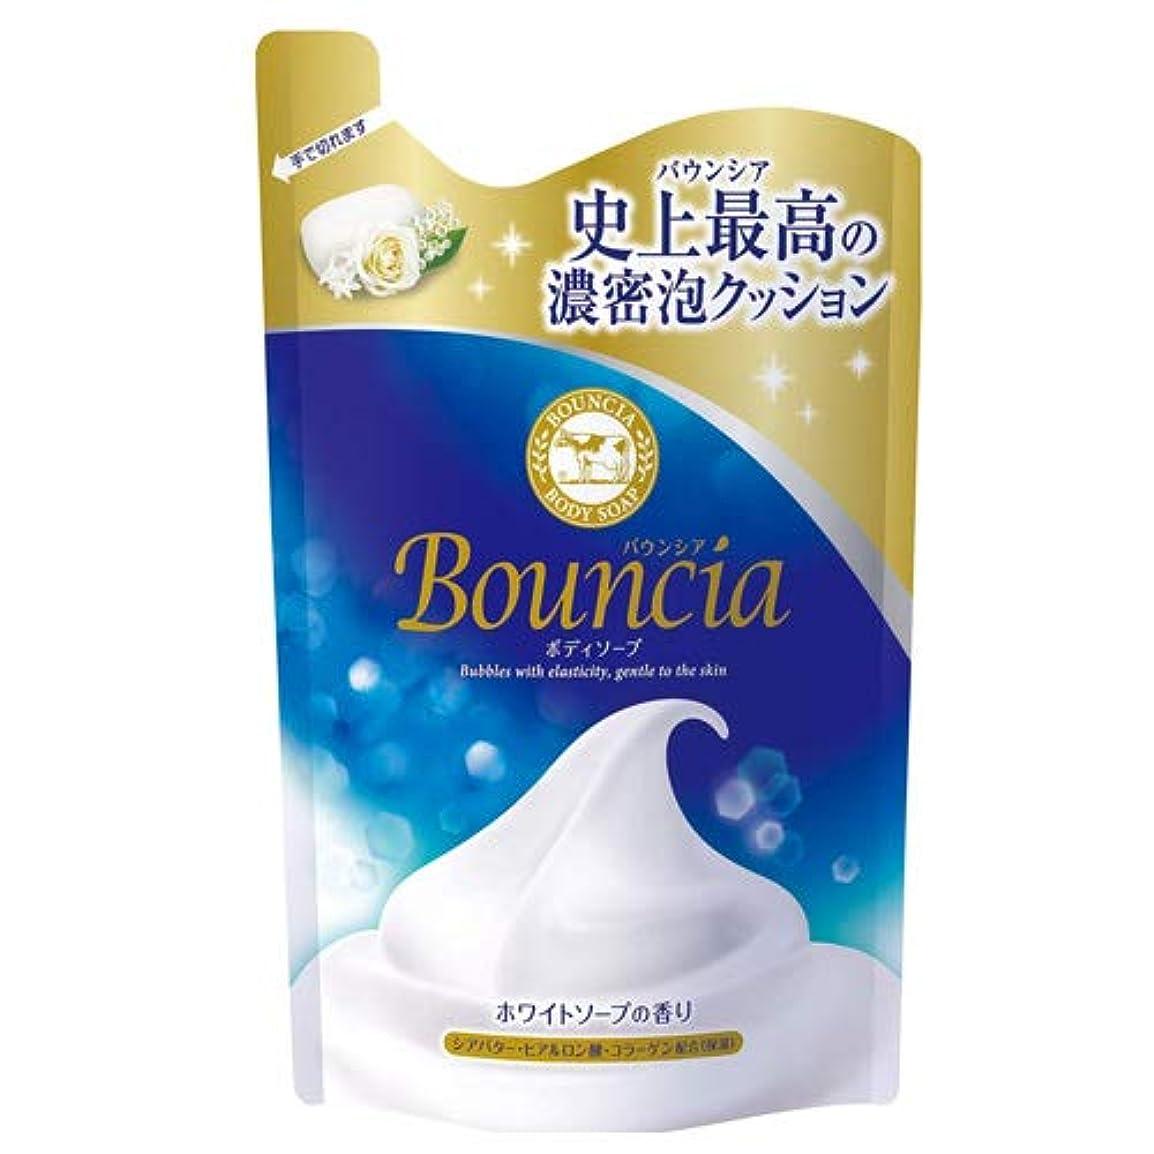 保証引数パンツ牛乳石鹸 バウンシア ボディソープ 詰替用 400ml×4個